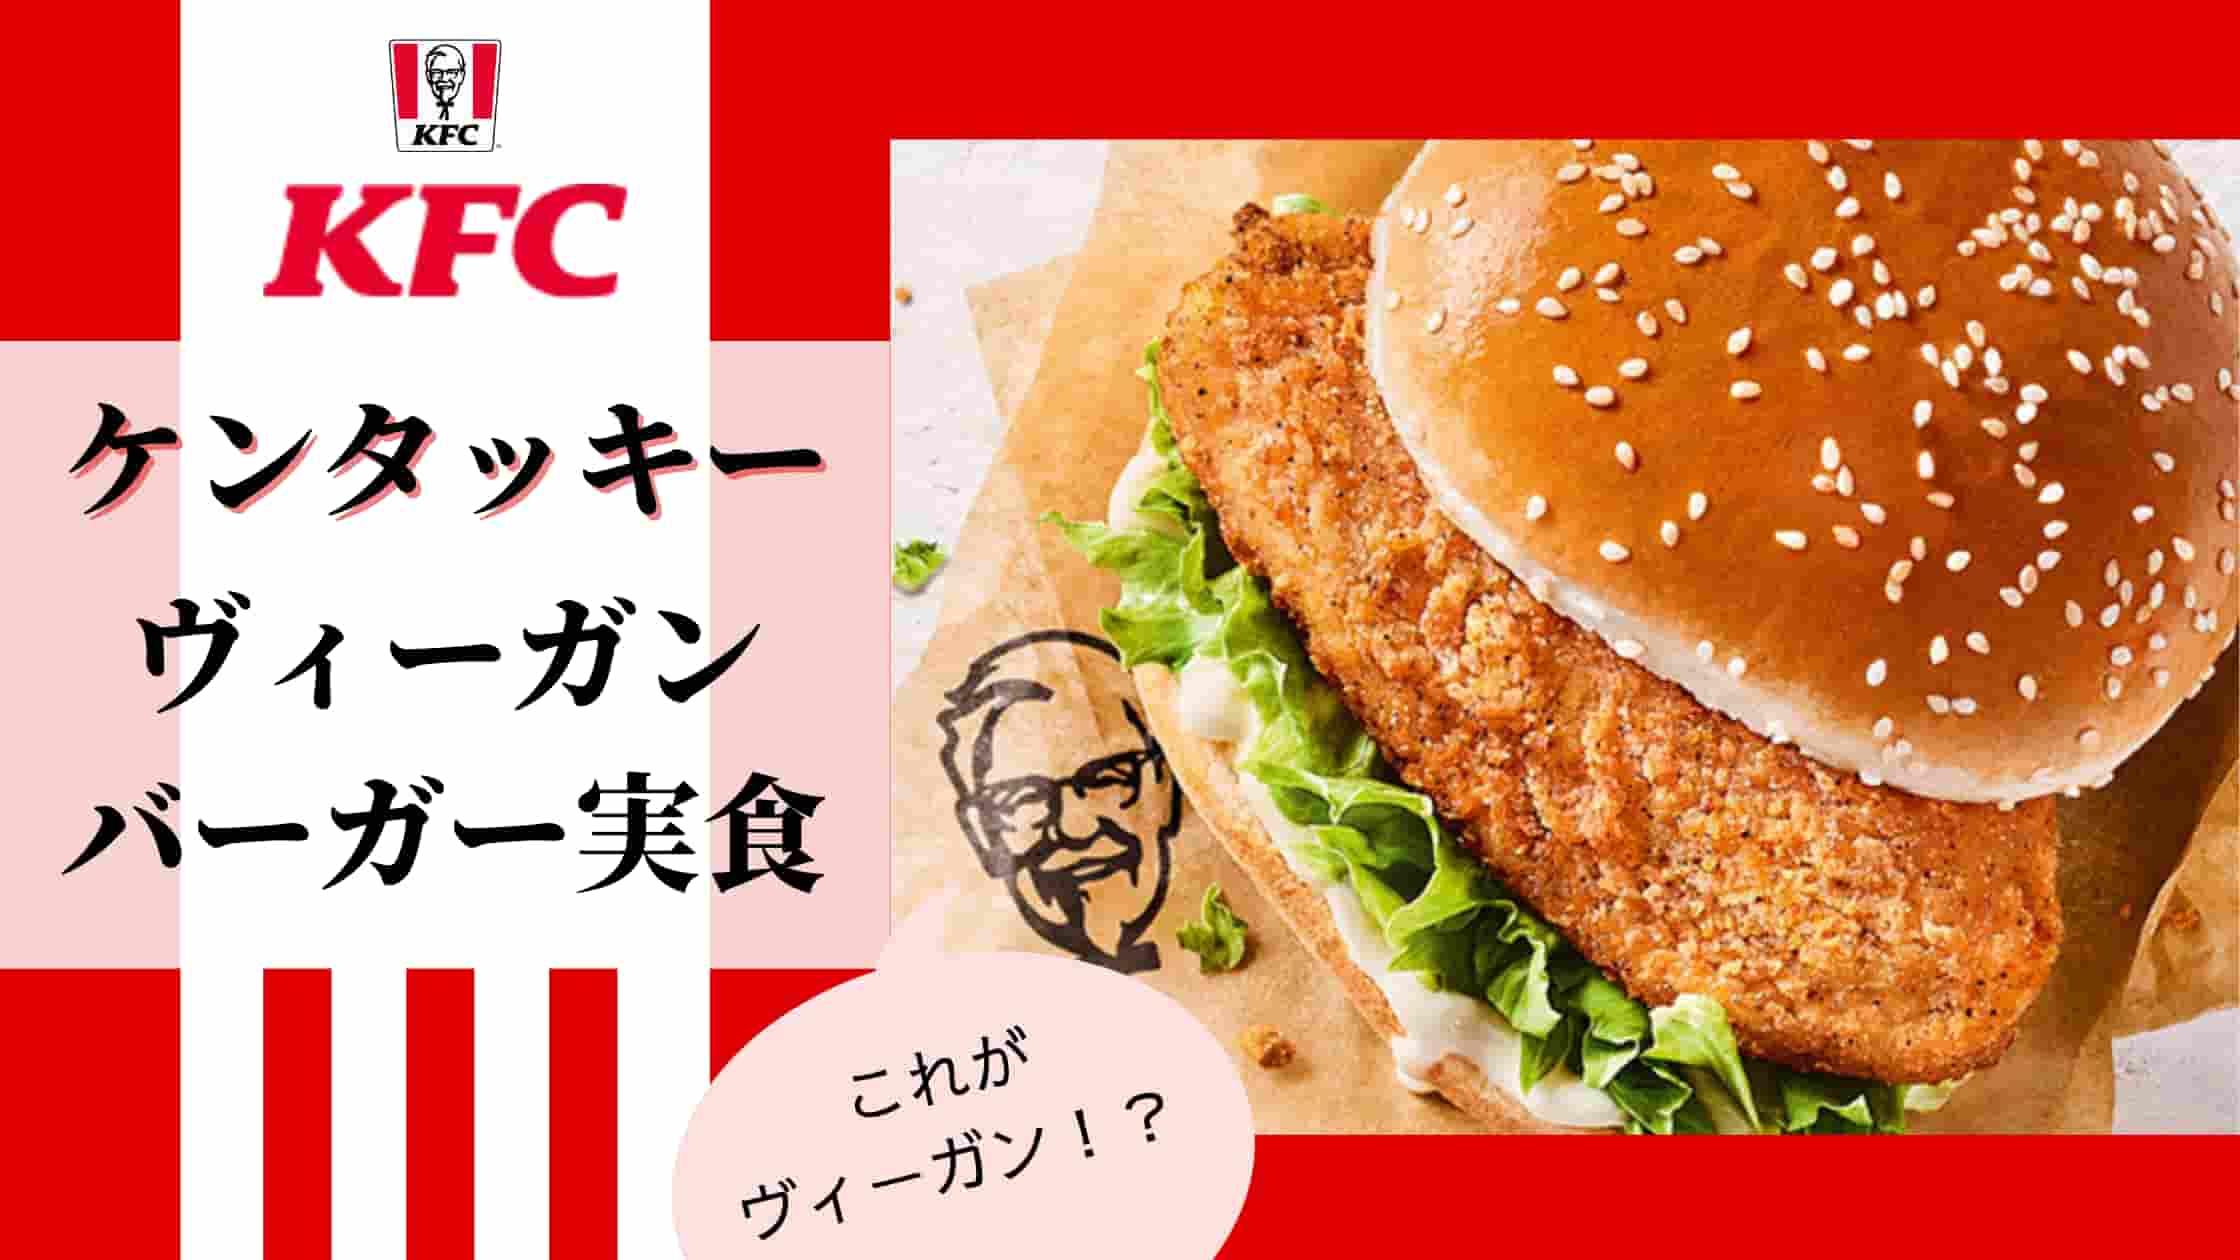 【ヴィーガン食】ケンタッキー(KFC)のヴィーガンバーガーを食べてみた